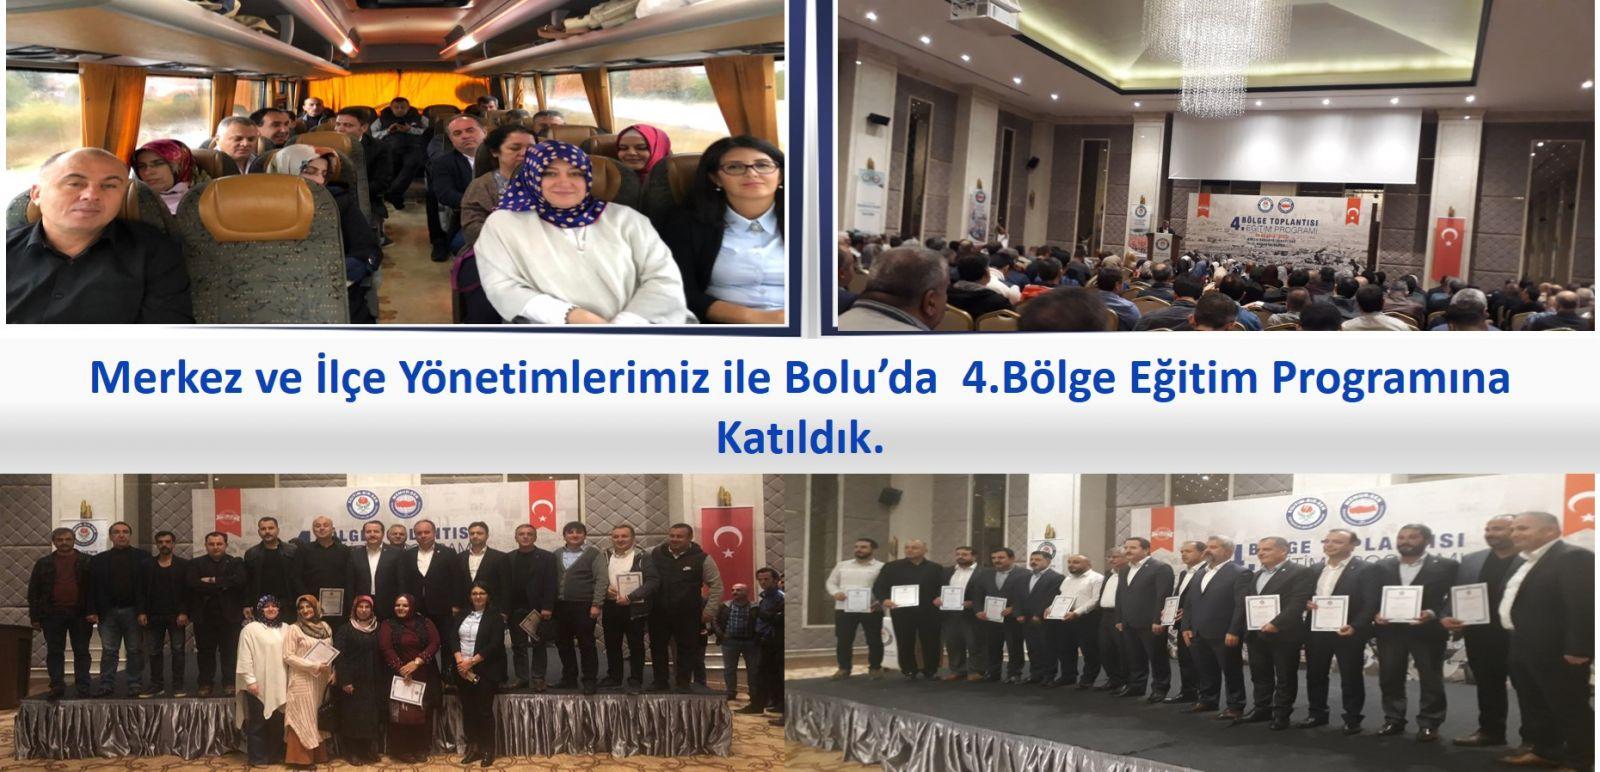 Merkez ve İlçe Yönetimleri ile Bolu İlinde ki Eğitime Katılım Sağladık .